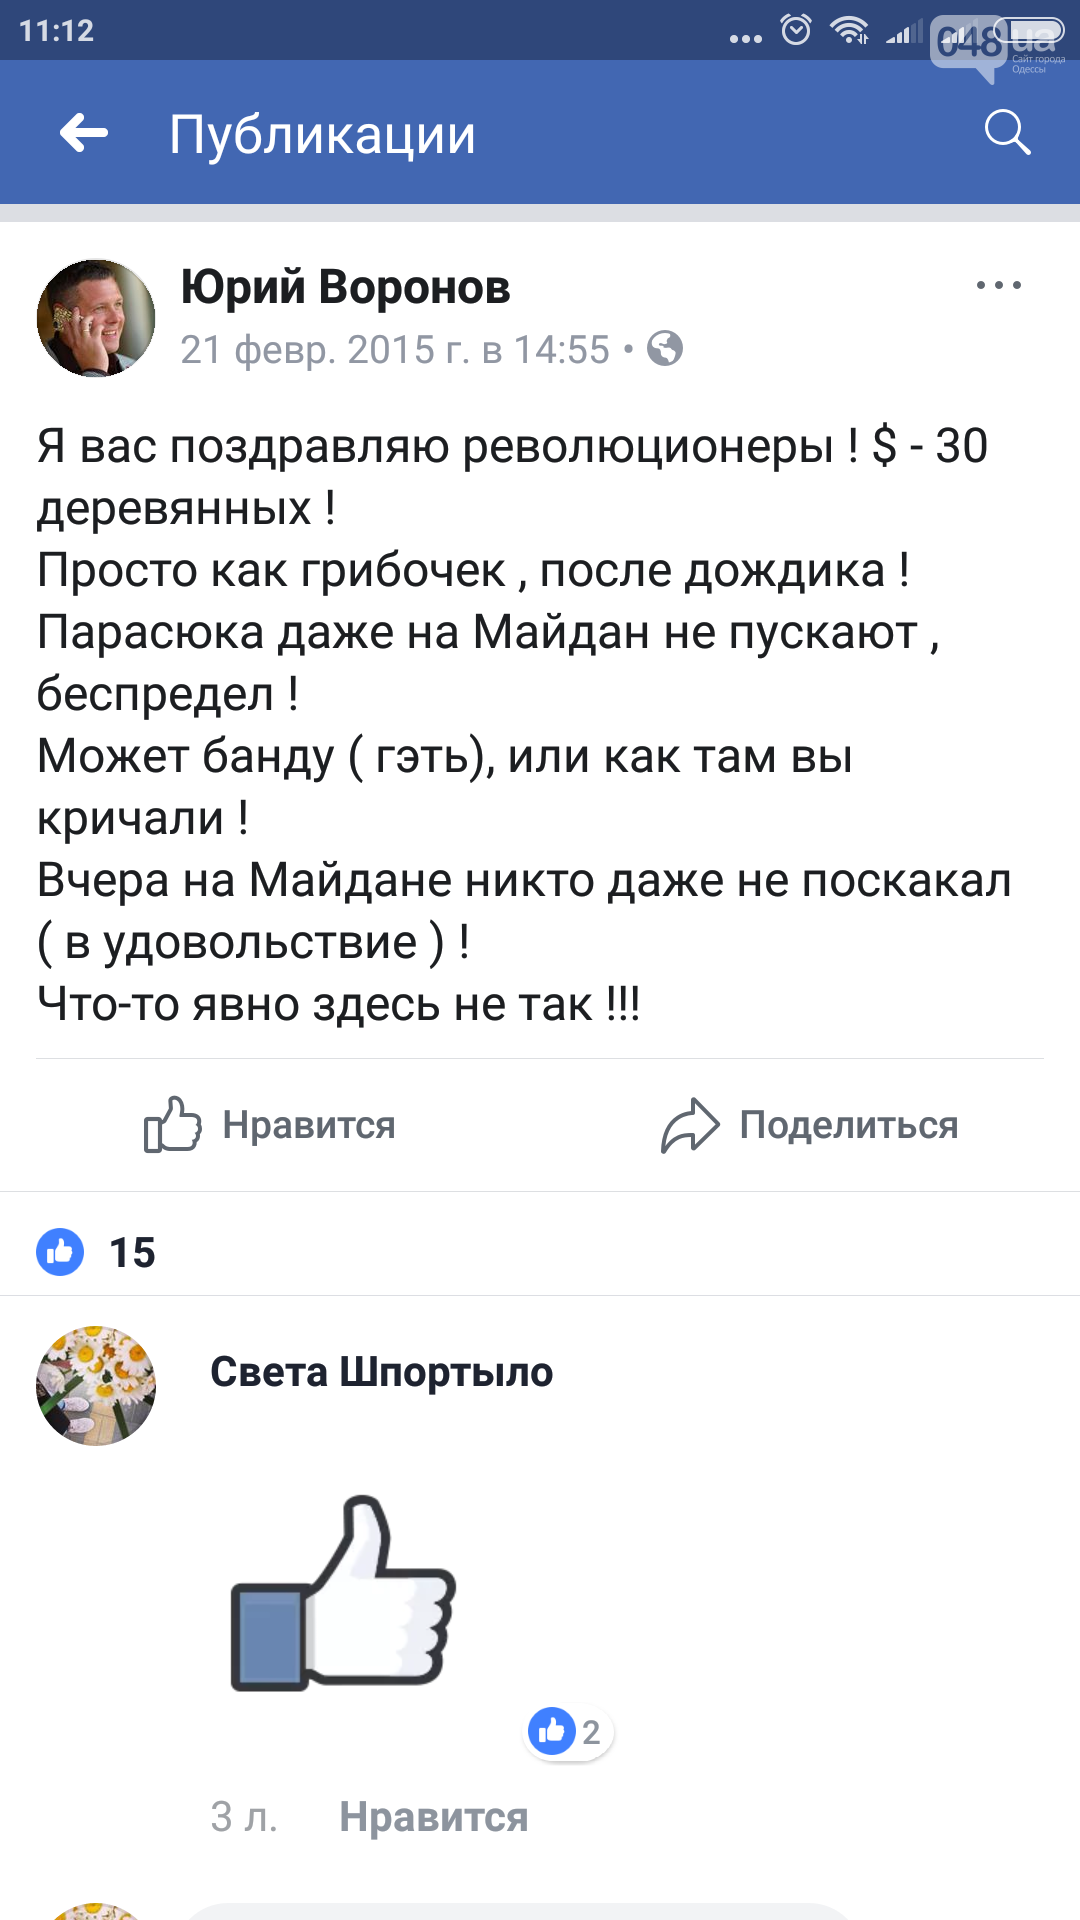 В Одессе бизнесмен-патриот России осваивает бюджетные миллионы и поливает грязью украинцев, - ФОТО, фото-3